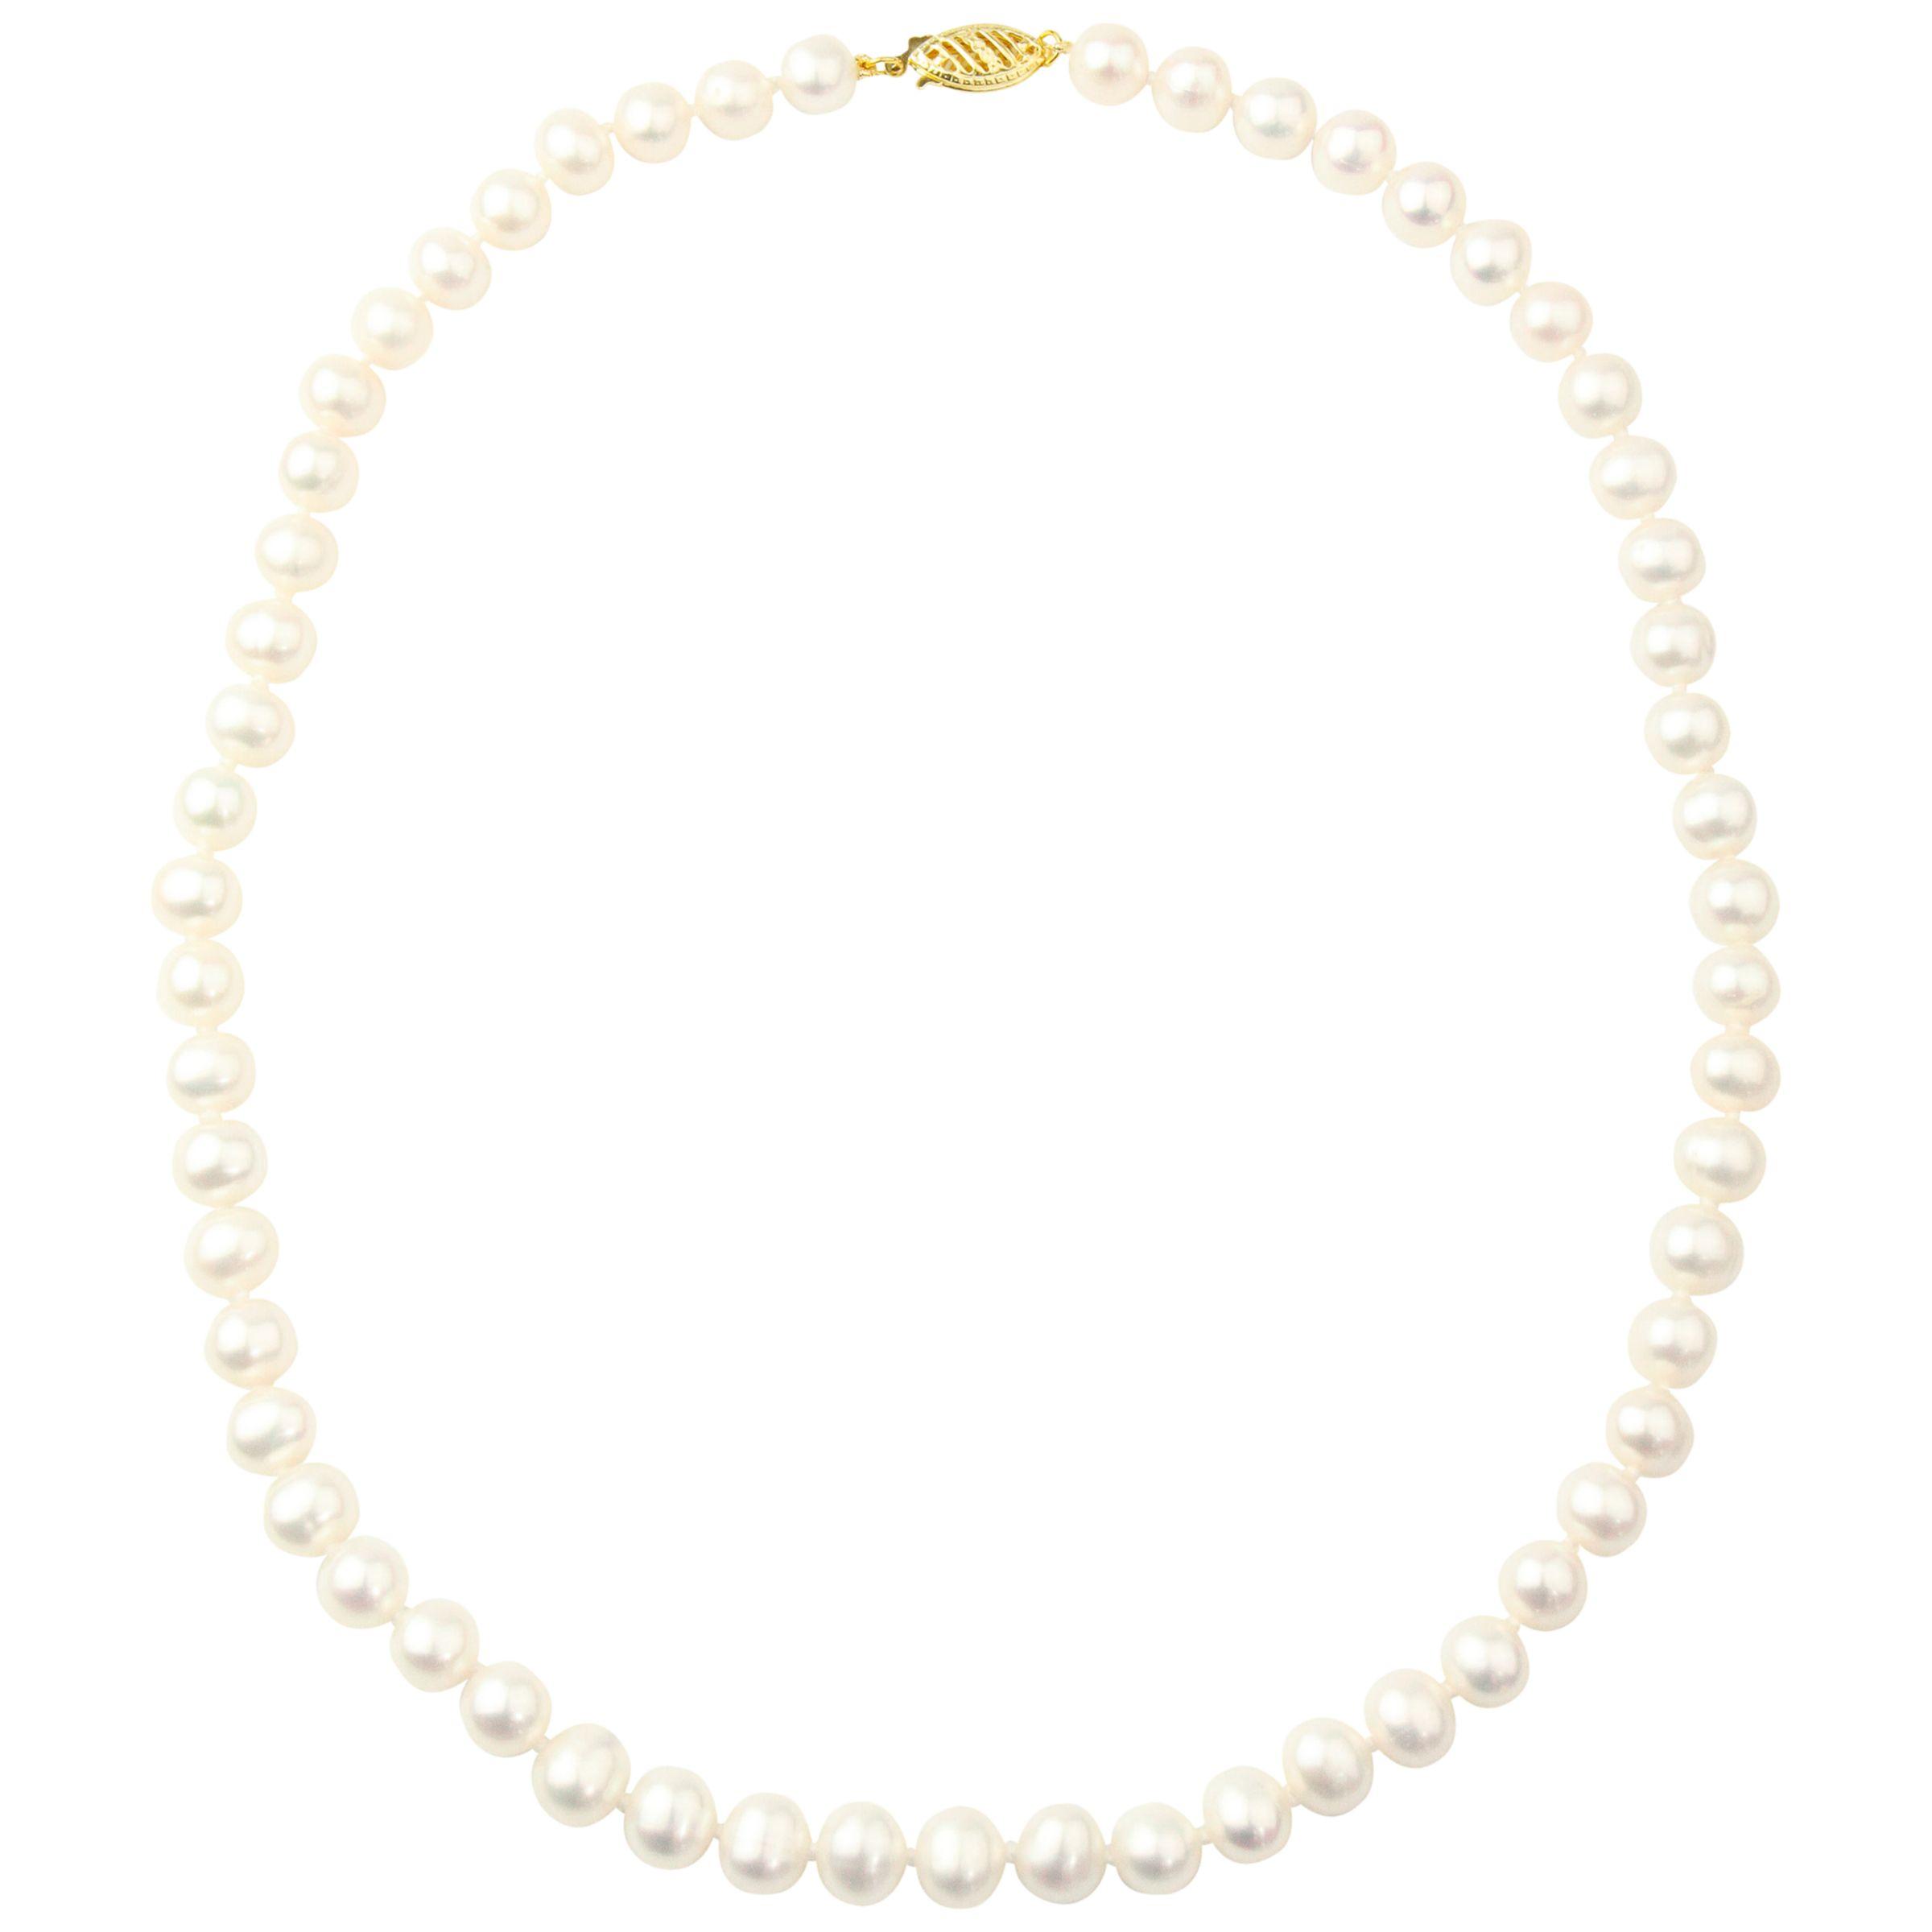 A B Davis A B Davis 9ct Freshwater Pearl Necklace, White